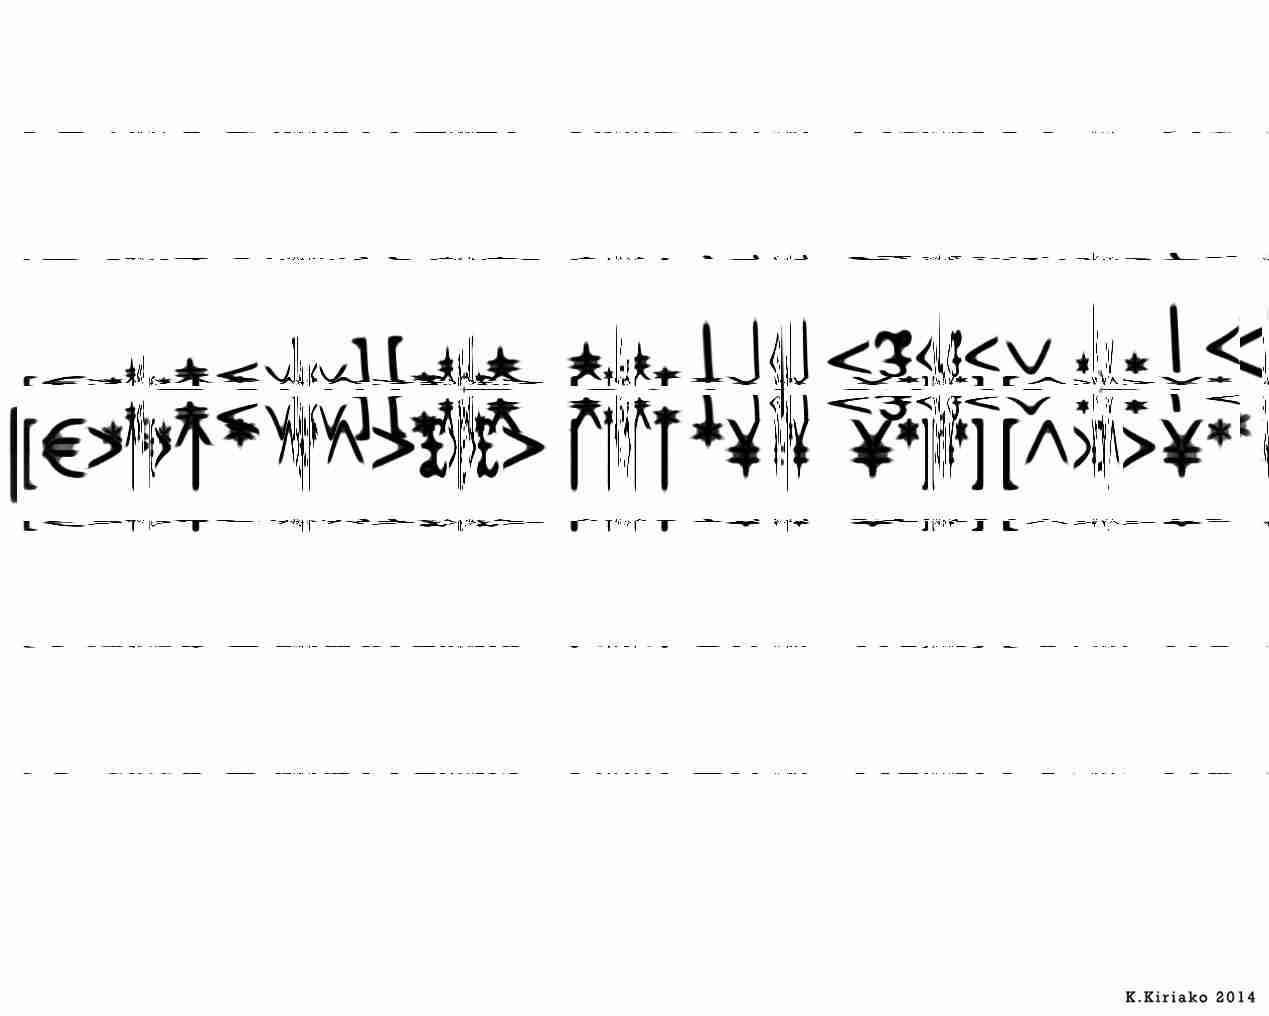 Telegram by Kimm Kiriako